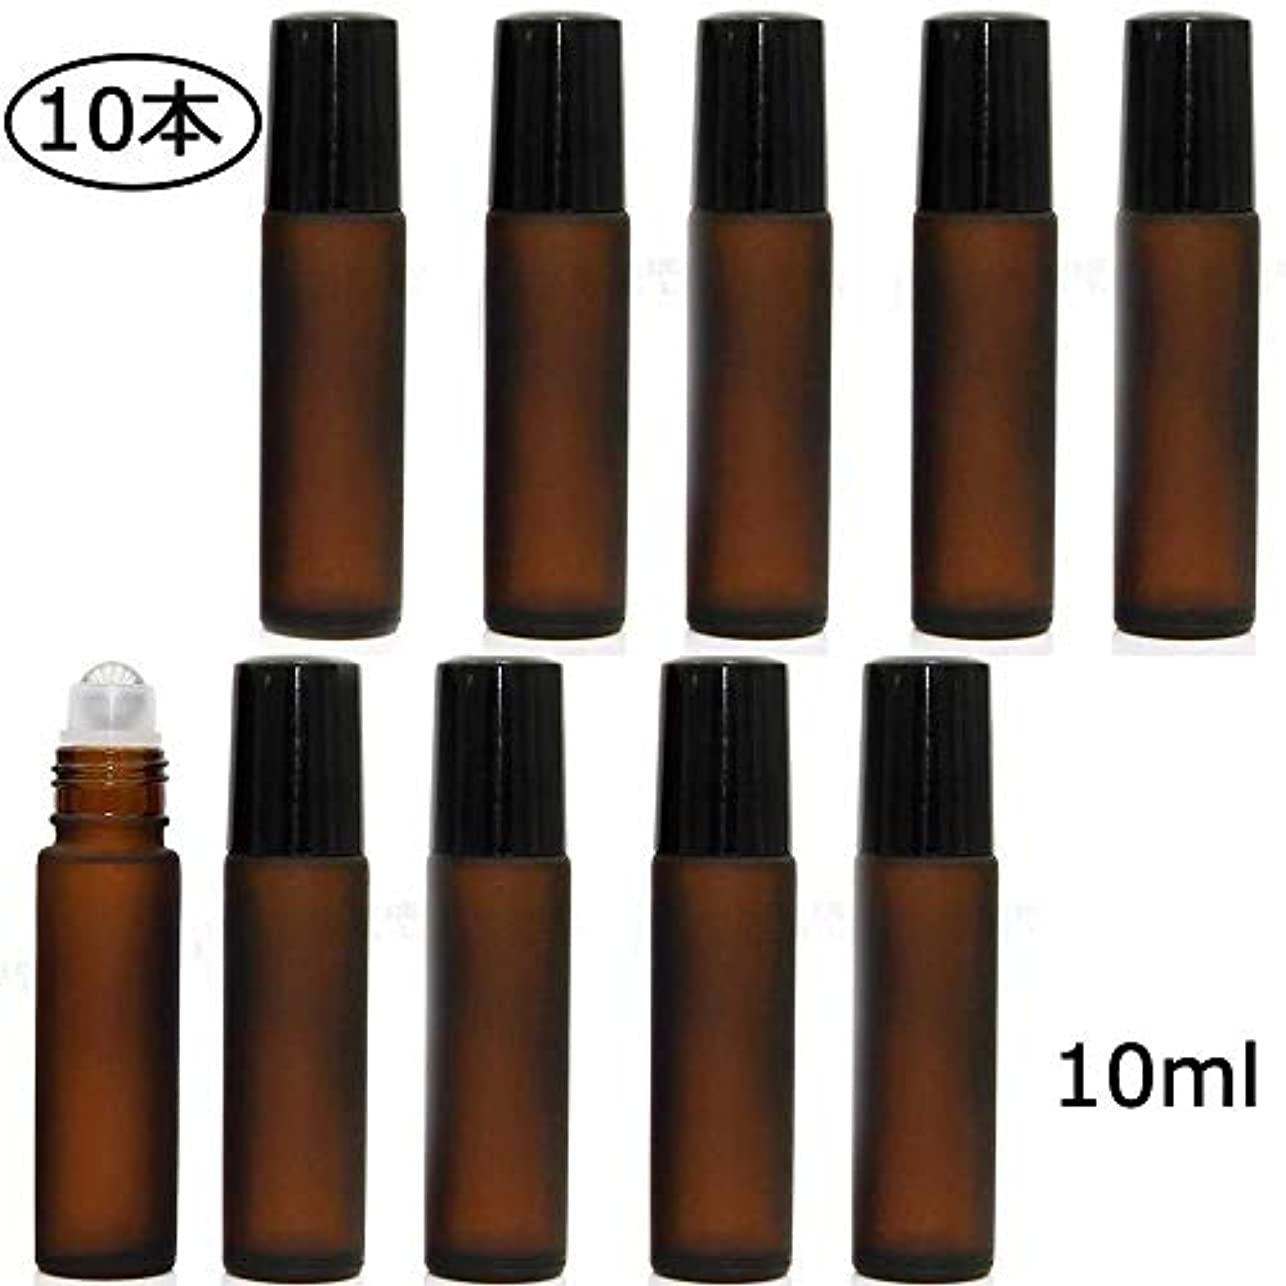 十分学校リールSimg ロールオンボトル アロマオイル 精油 小分け用 遮光瓶 10ml 10本セット ガラスロールタイプ (茶色)